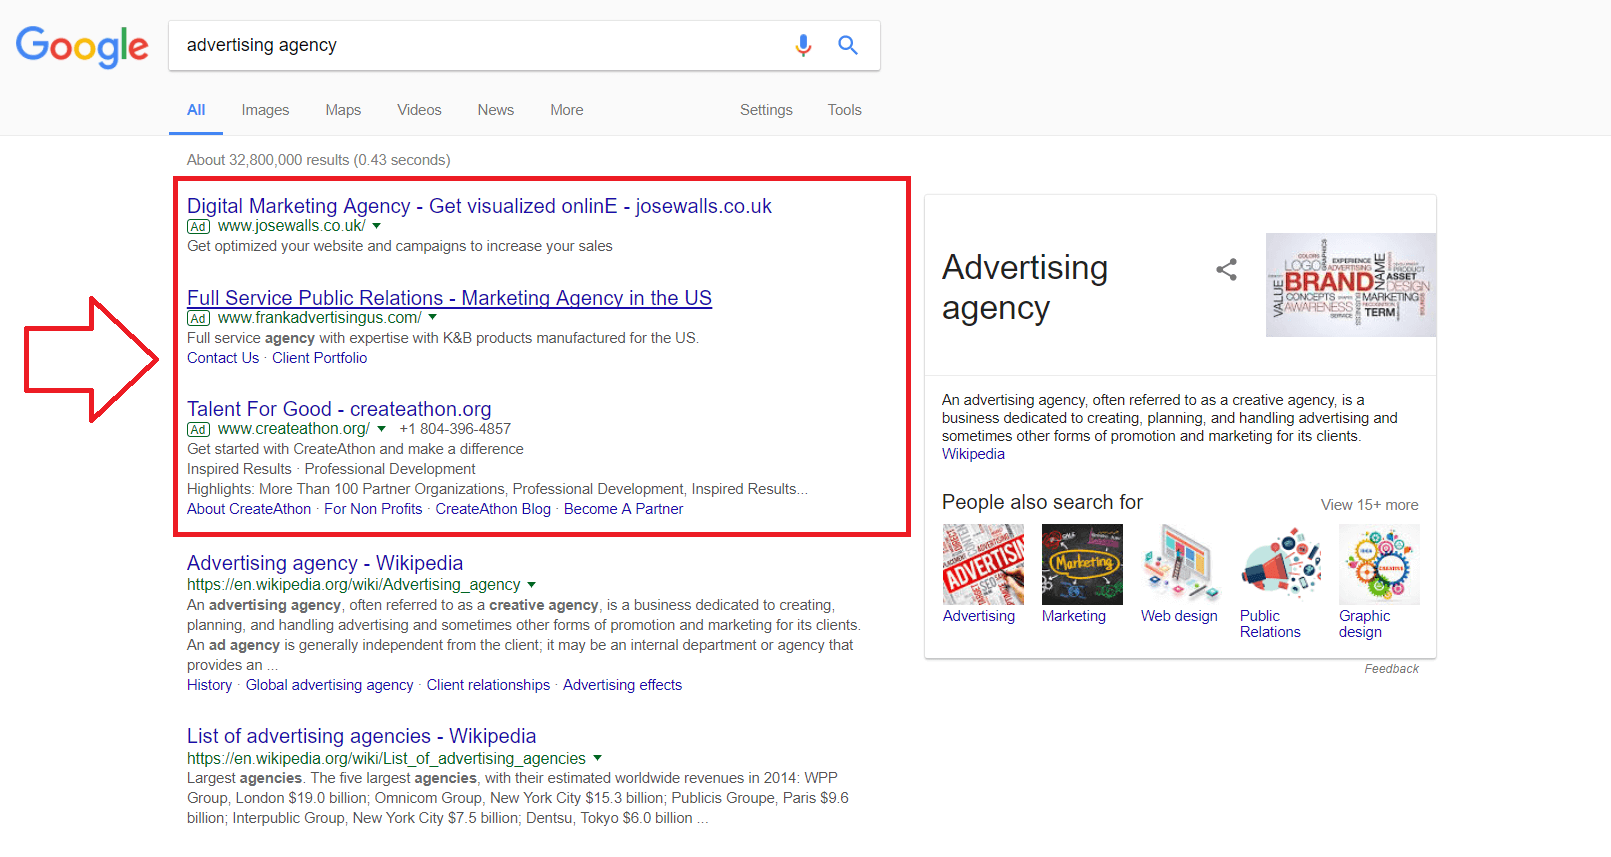 Anuncios de búsqueda